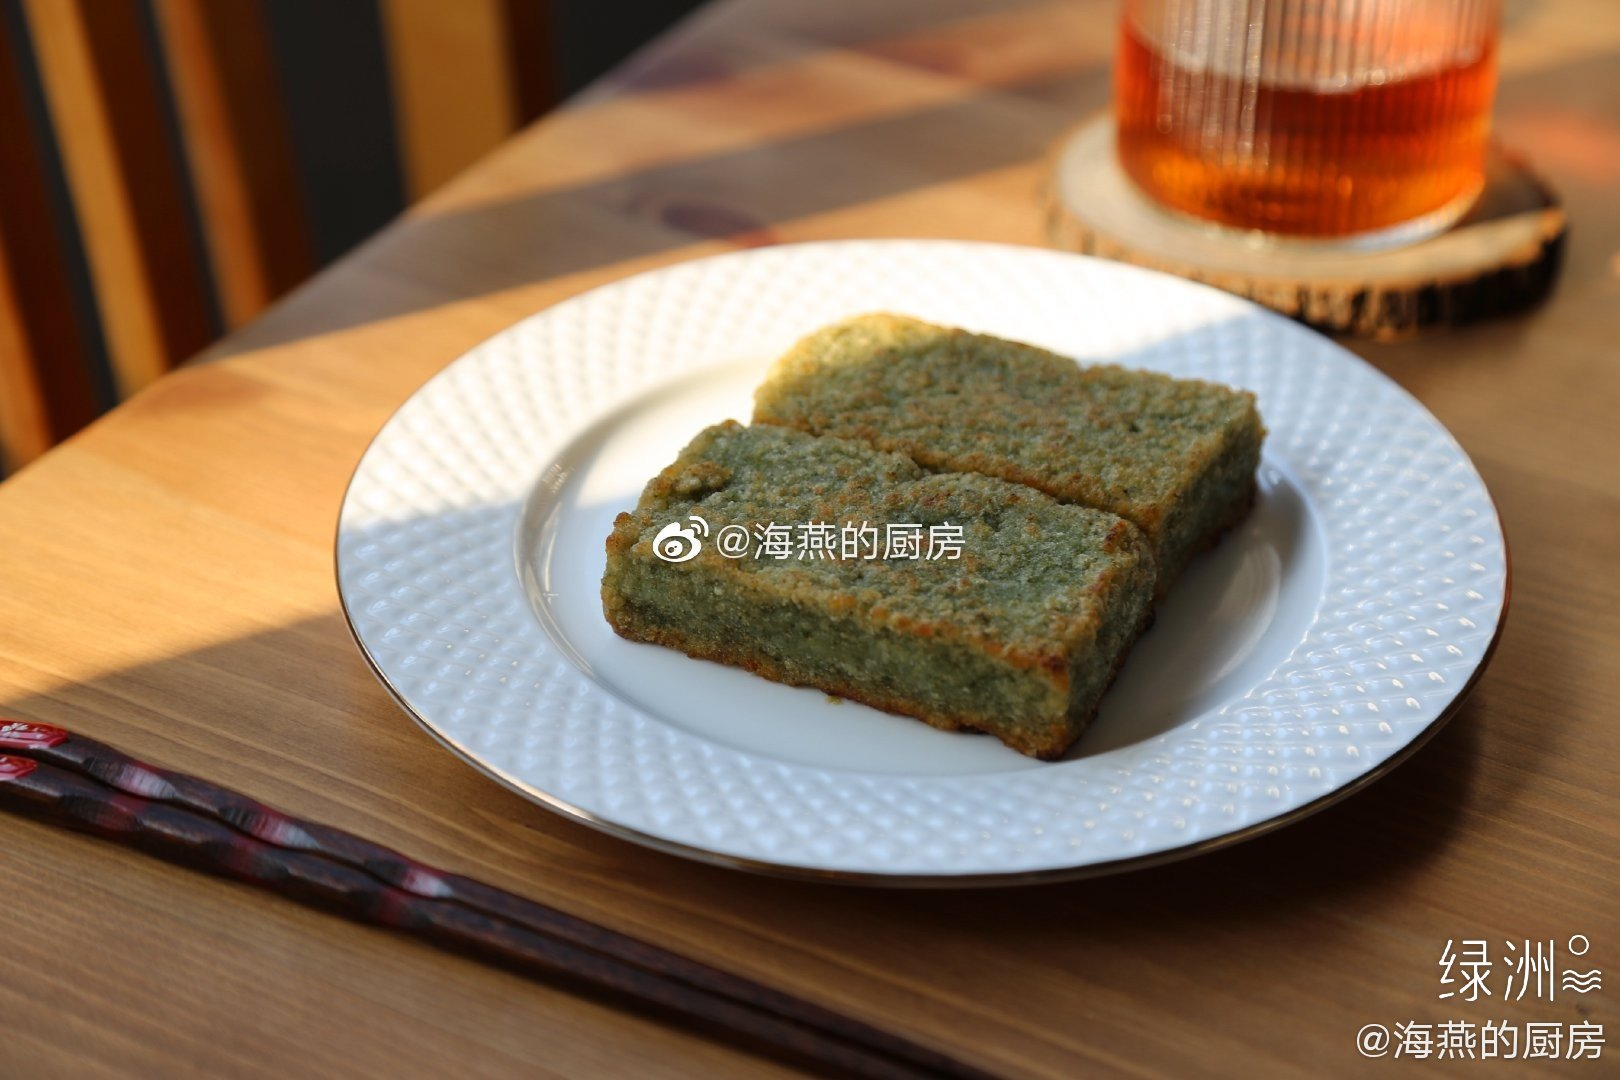 海苔糍粑芦笋虾仁烘蛋